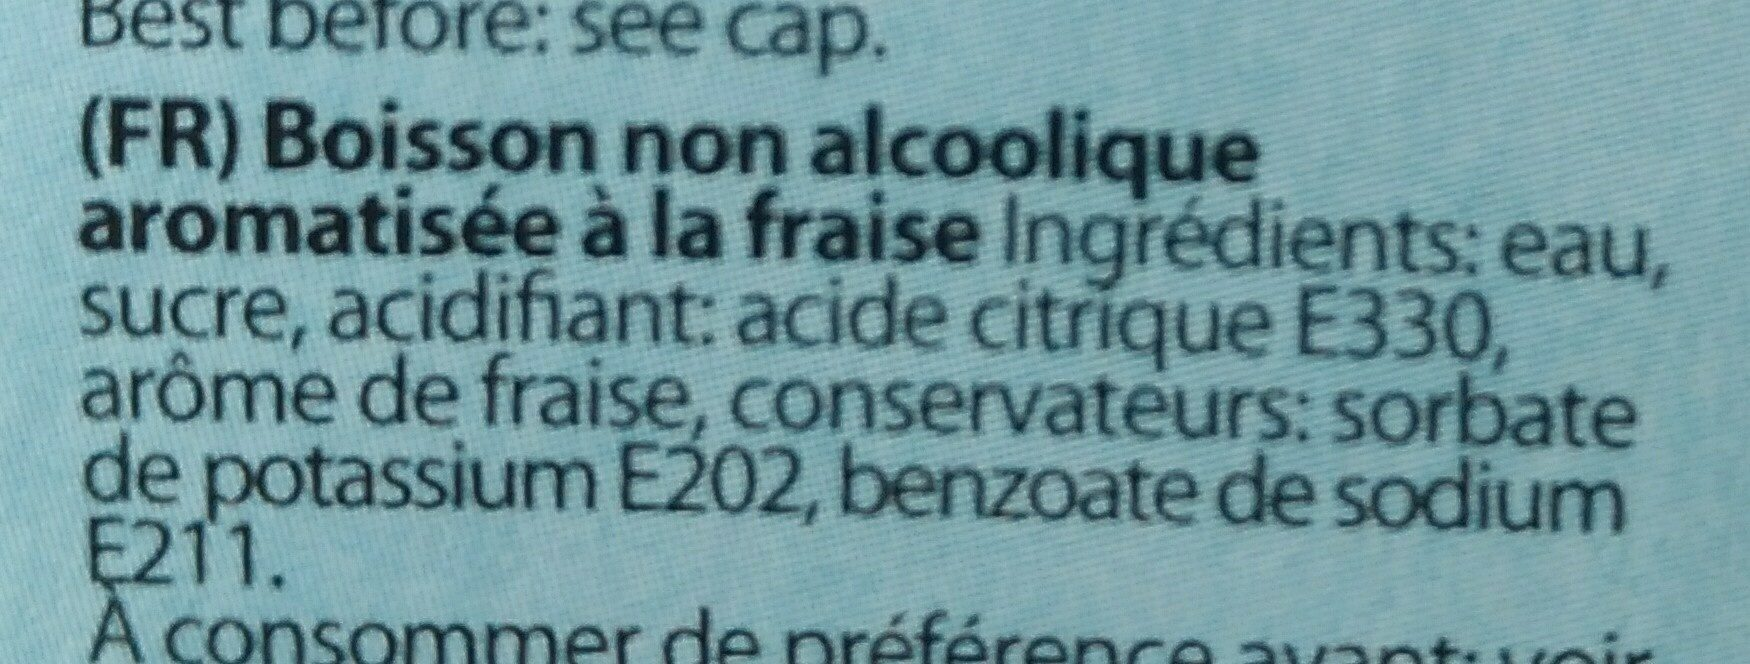 Trinketto - Ingrédients - fr